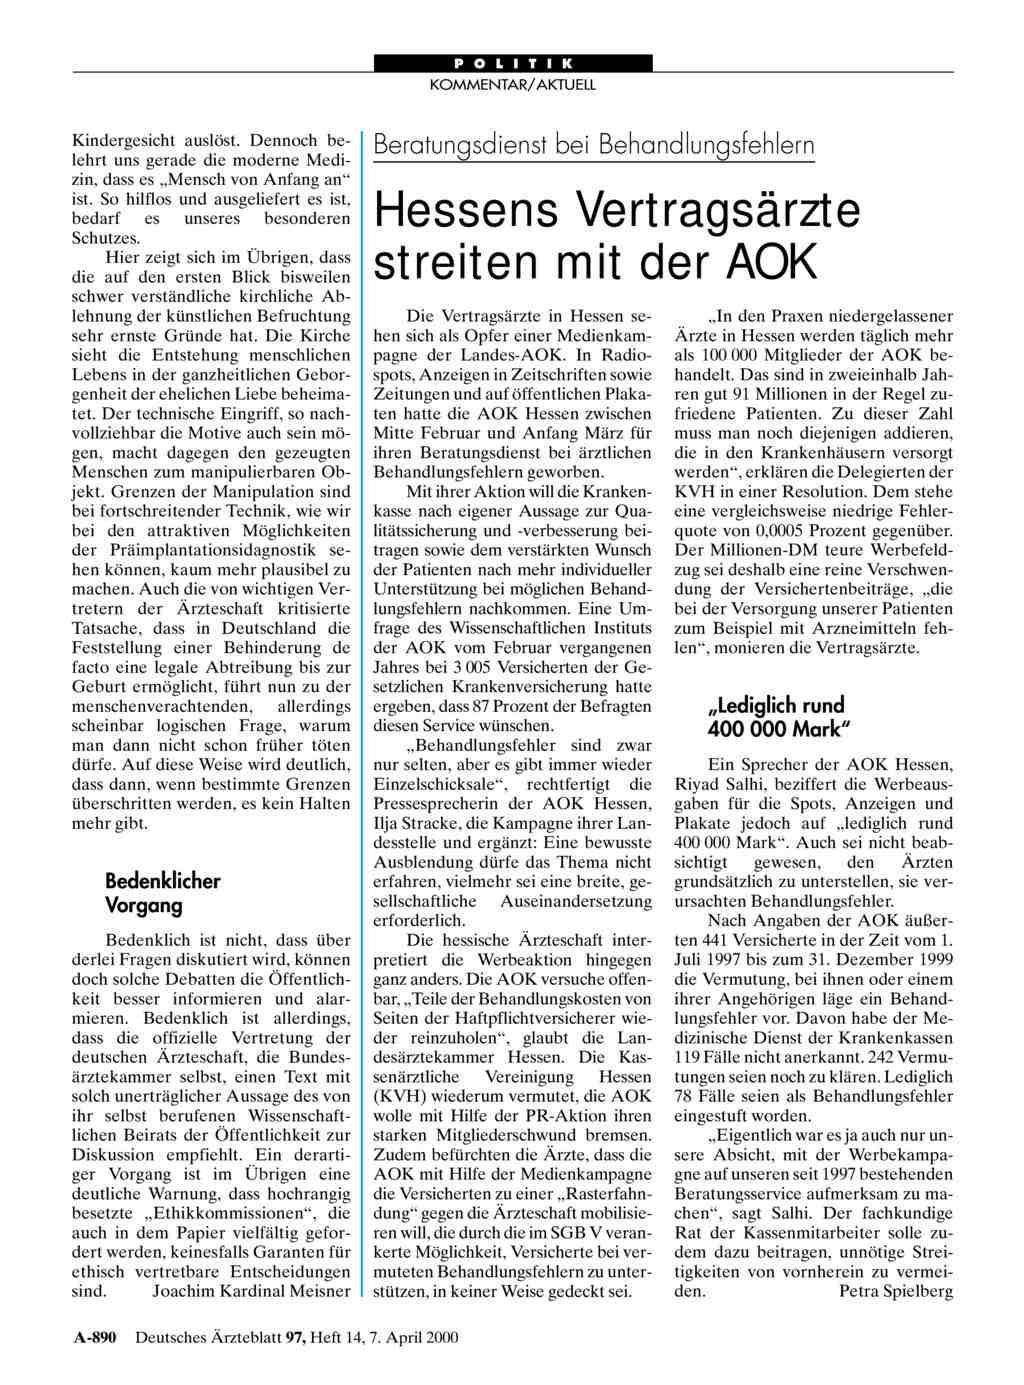 Beratungsdienst Bei Behandlungsfehlern Hessens Vertragsärzte